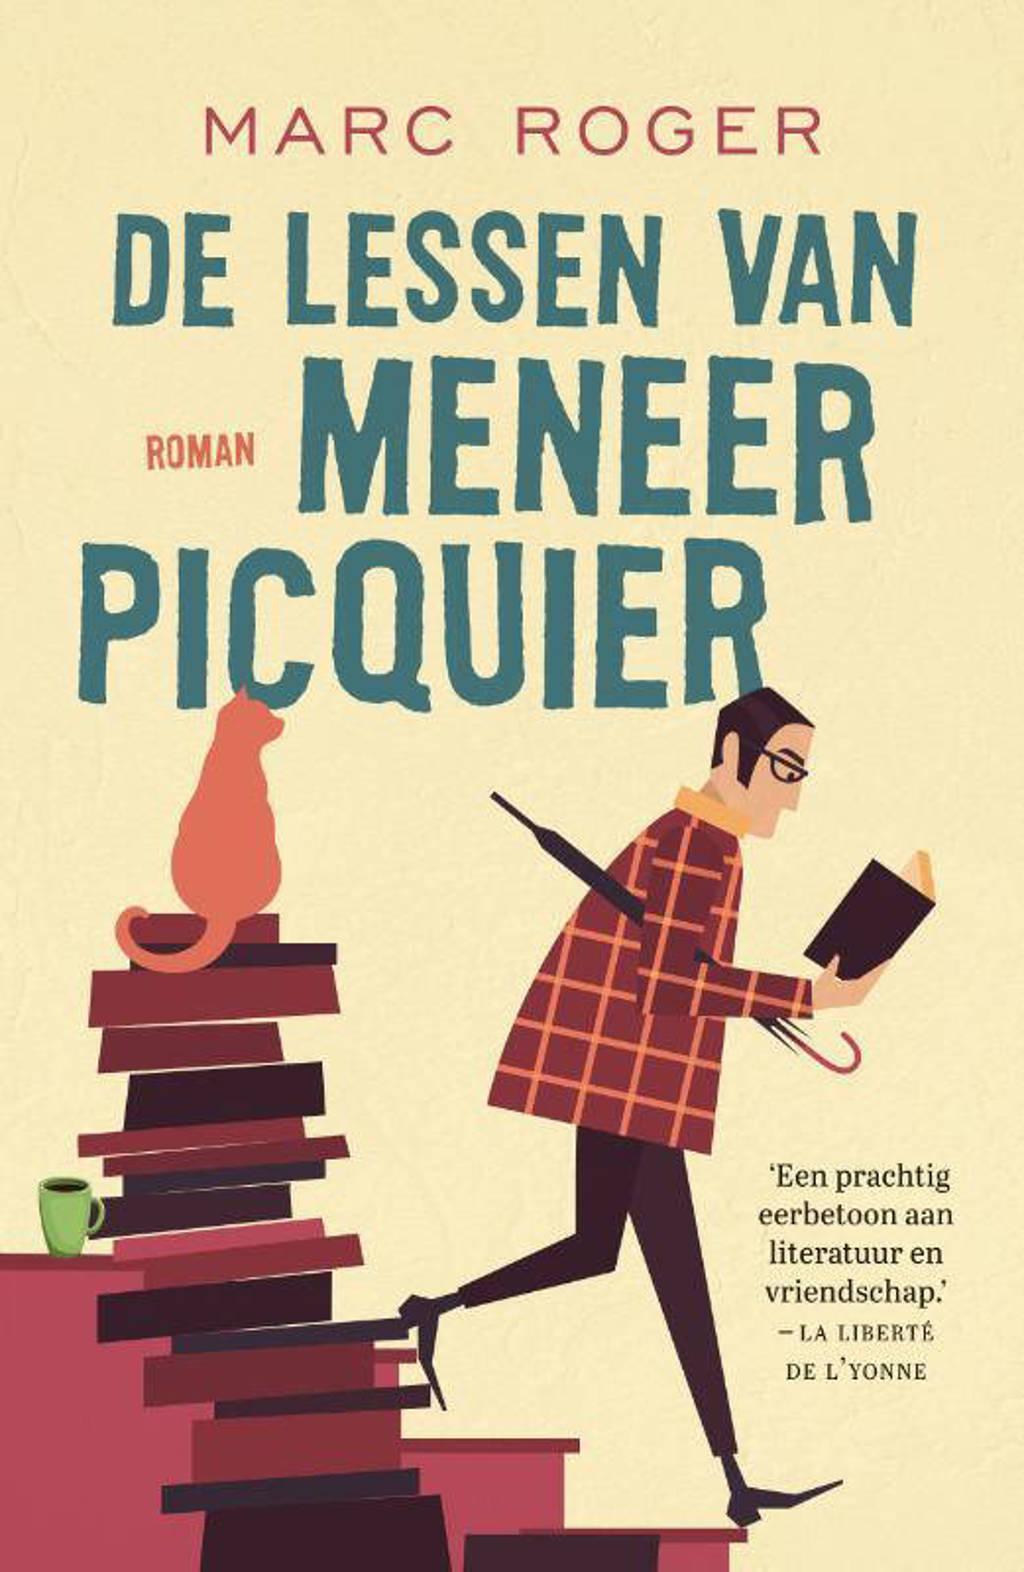 De lessen van meneer Picquier - Marc Roger